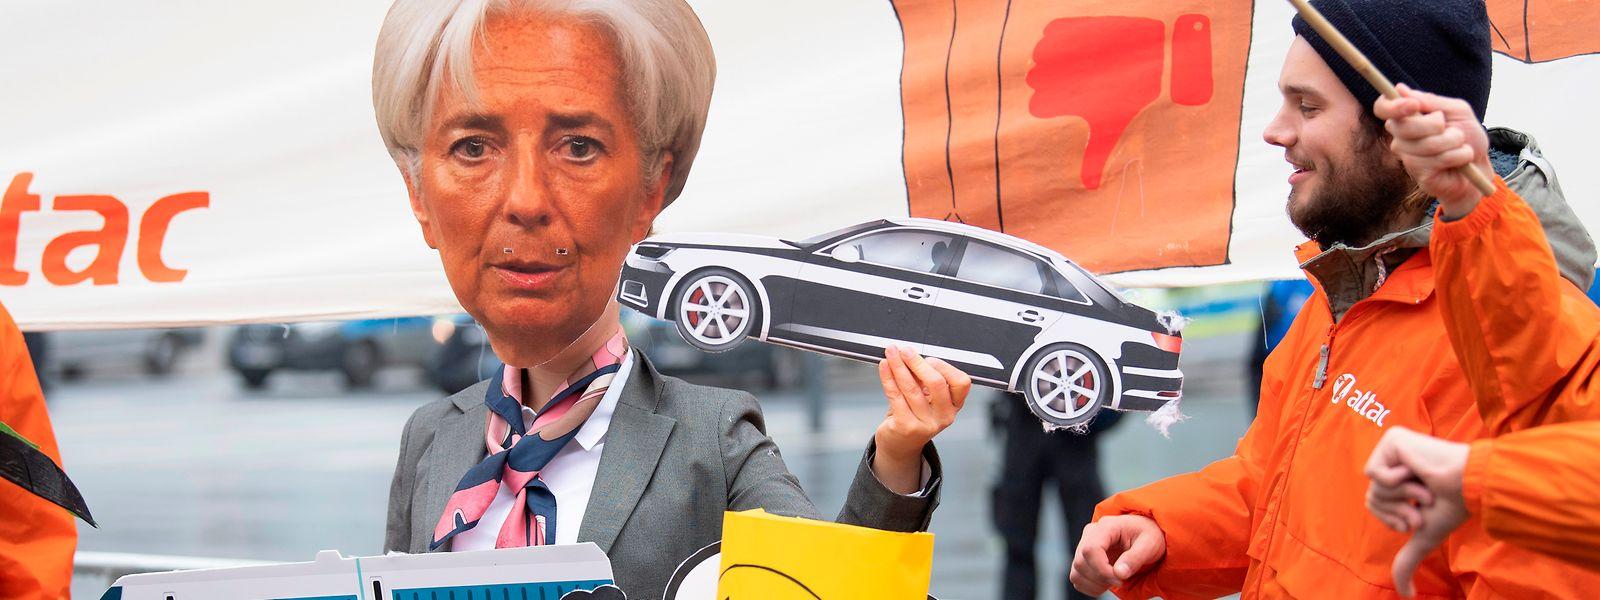 Als Christine Lagarde verkleidet protestierten etwa 200 Menschen vor dem EZB-Gebäude.